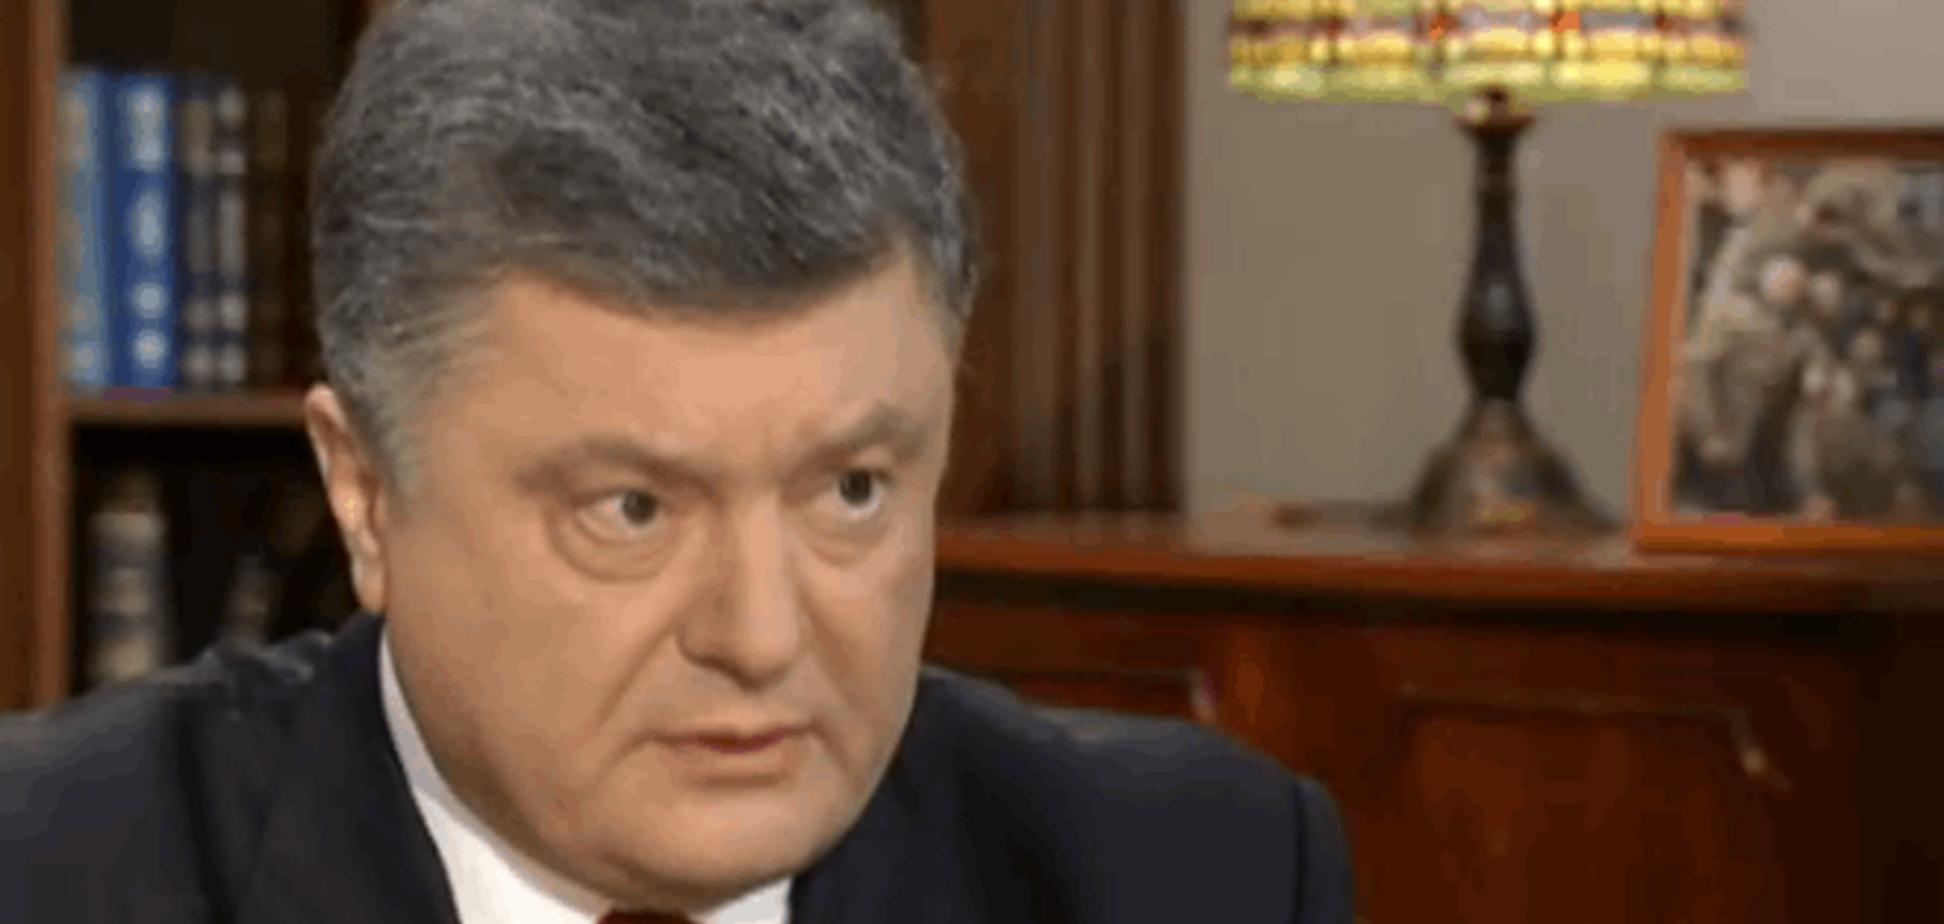 Порошенко рассказал о конфликте с Коломойским